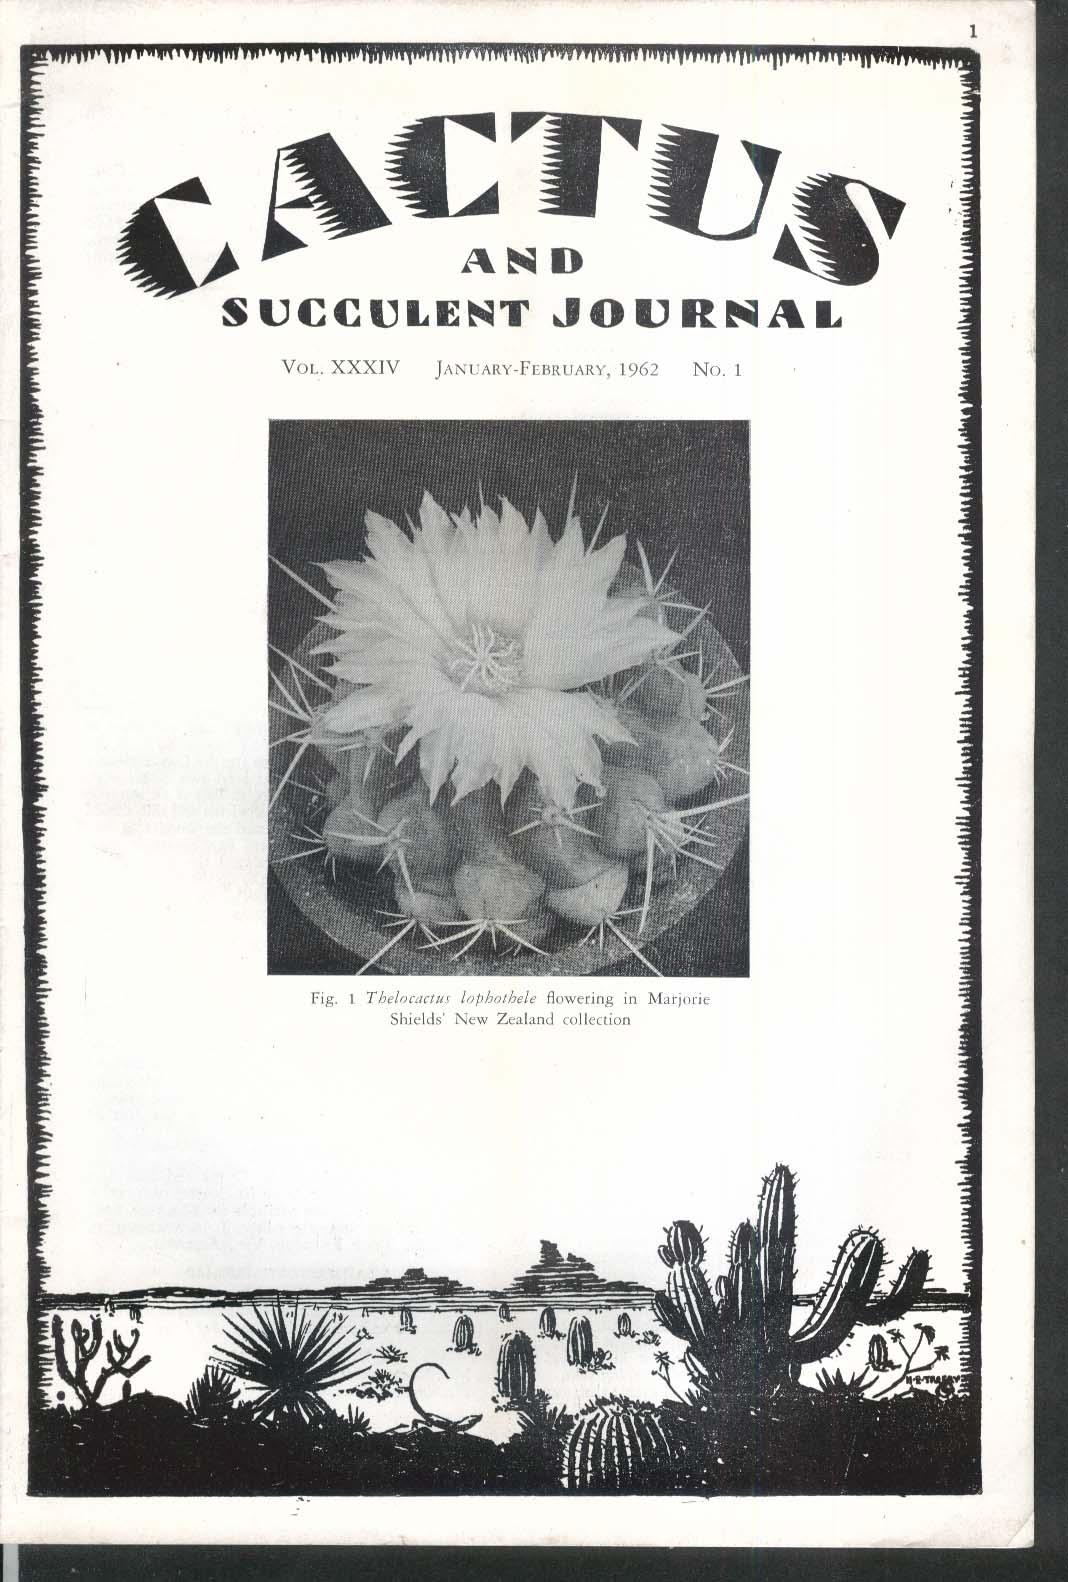 CACTUS Succulent Journal Thelocactus lophothele Carl Purpus 1-2 1962